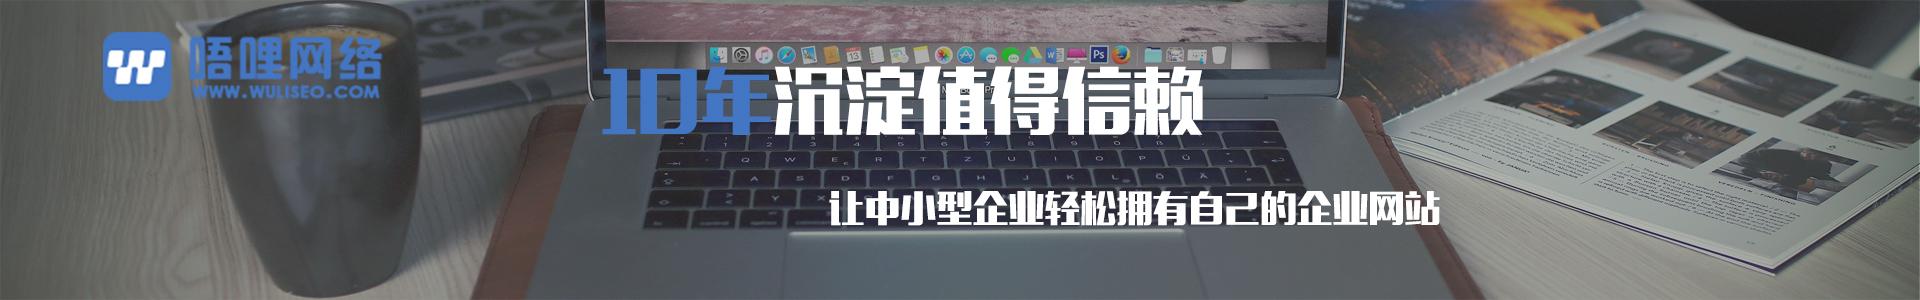 无锡网站建站案例